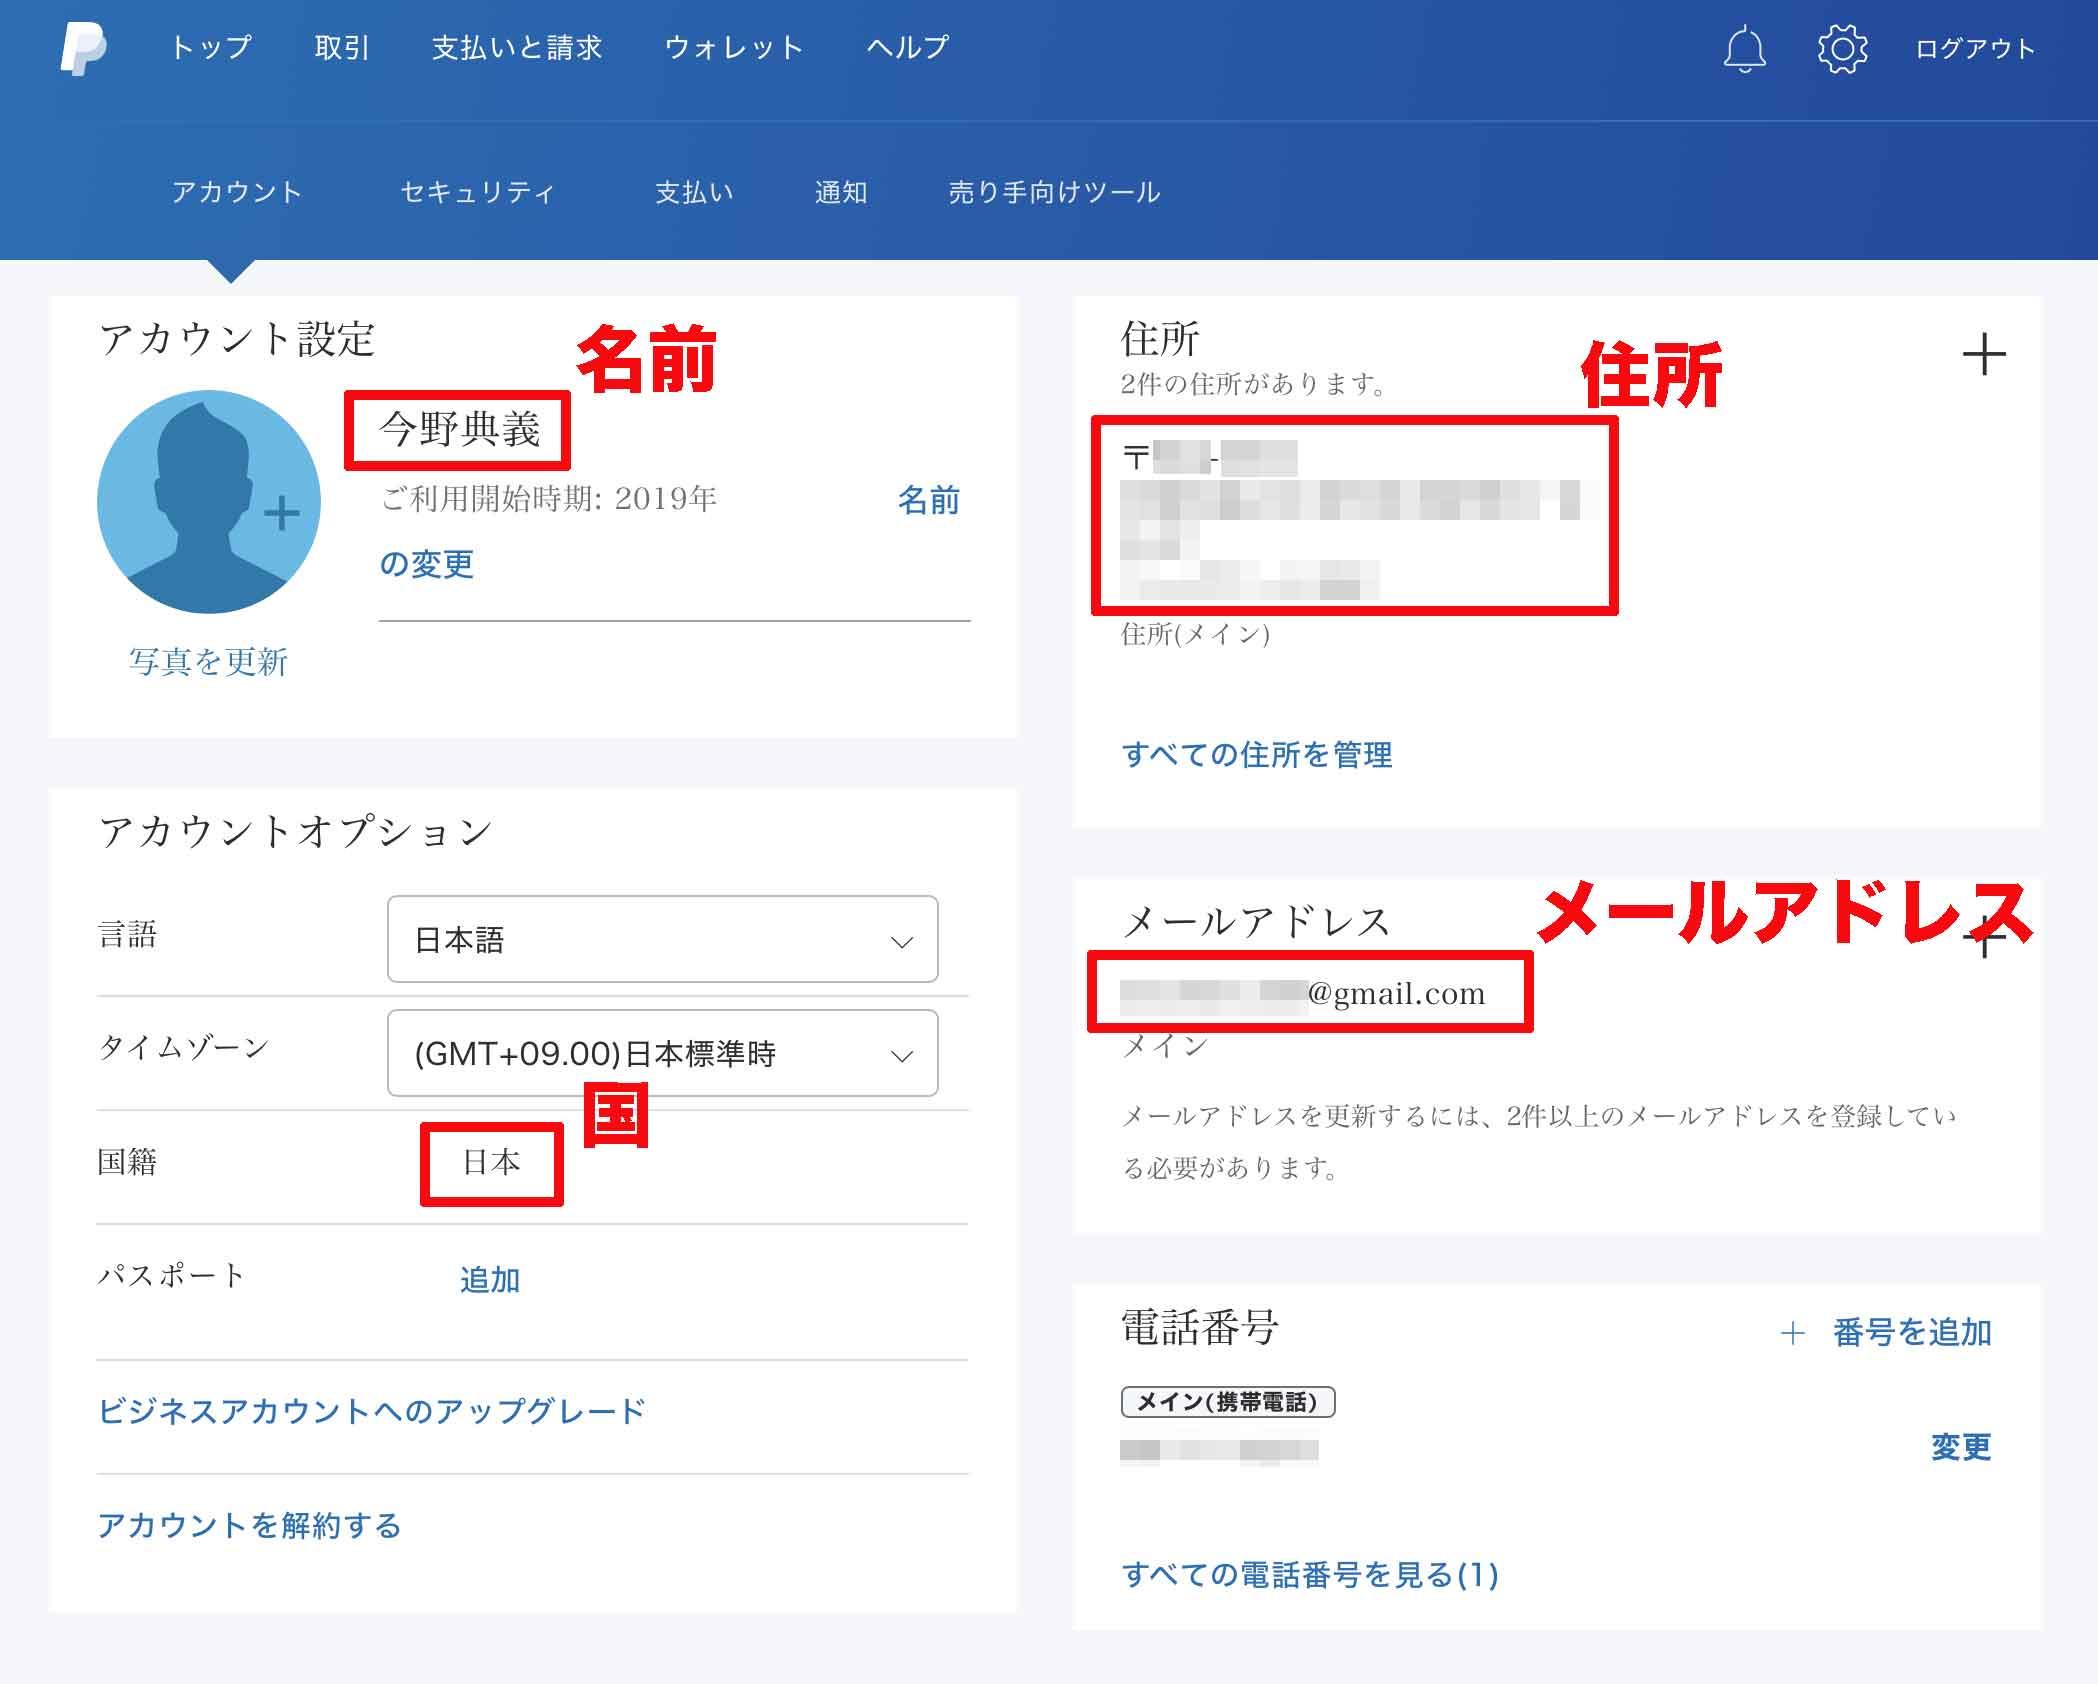 PayPal settings Noriyoshi K